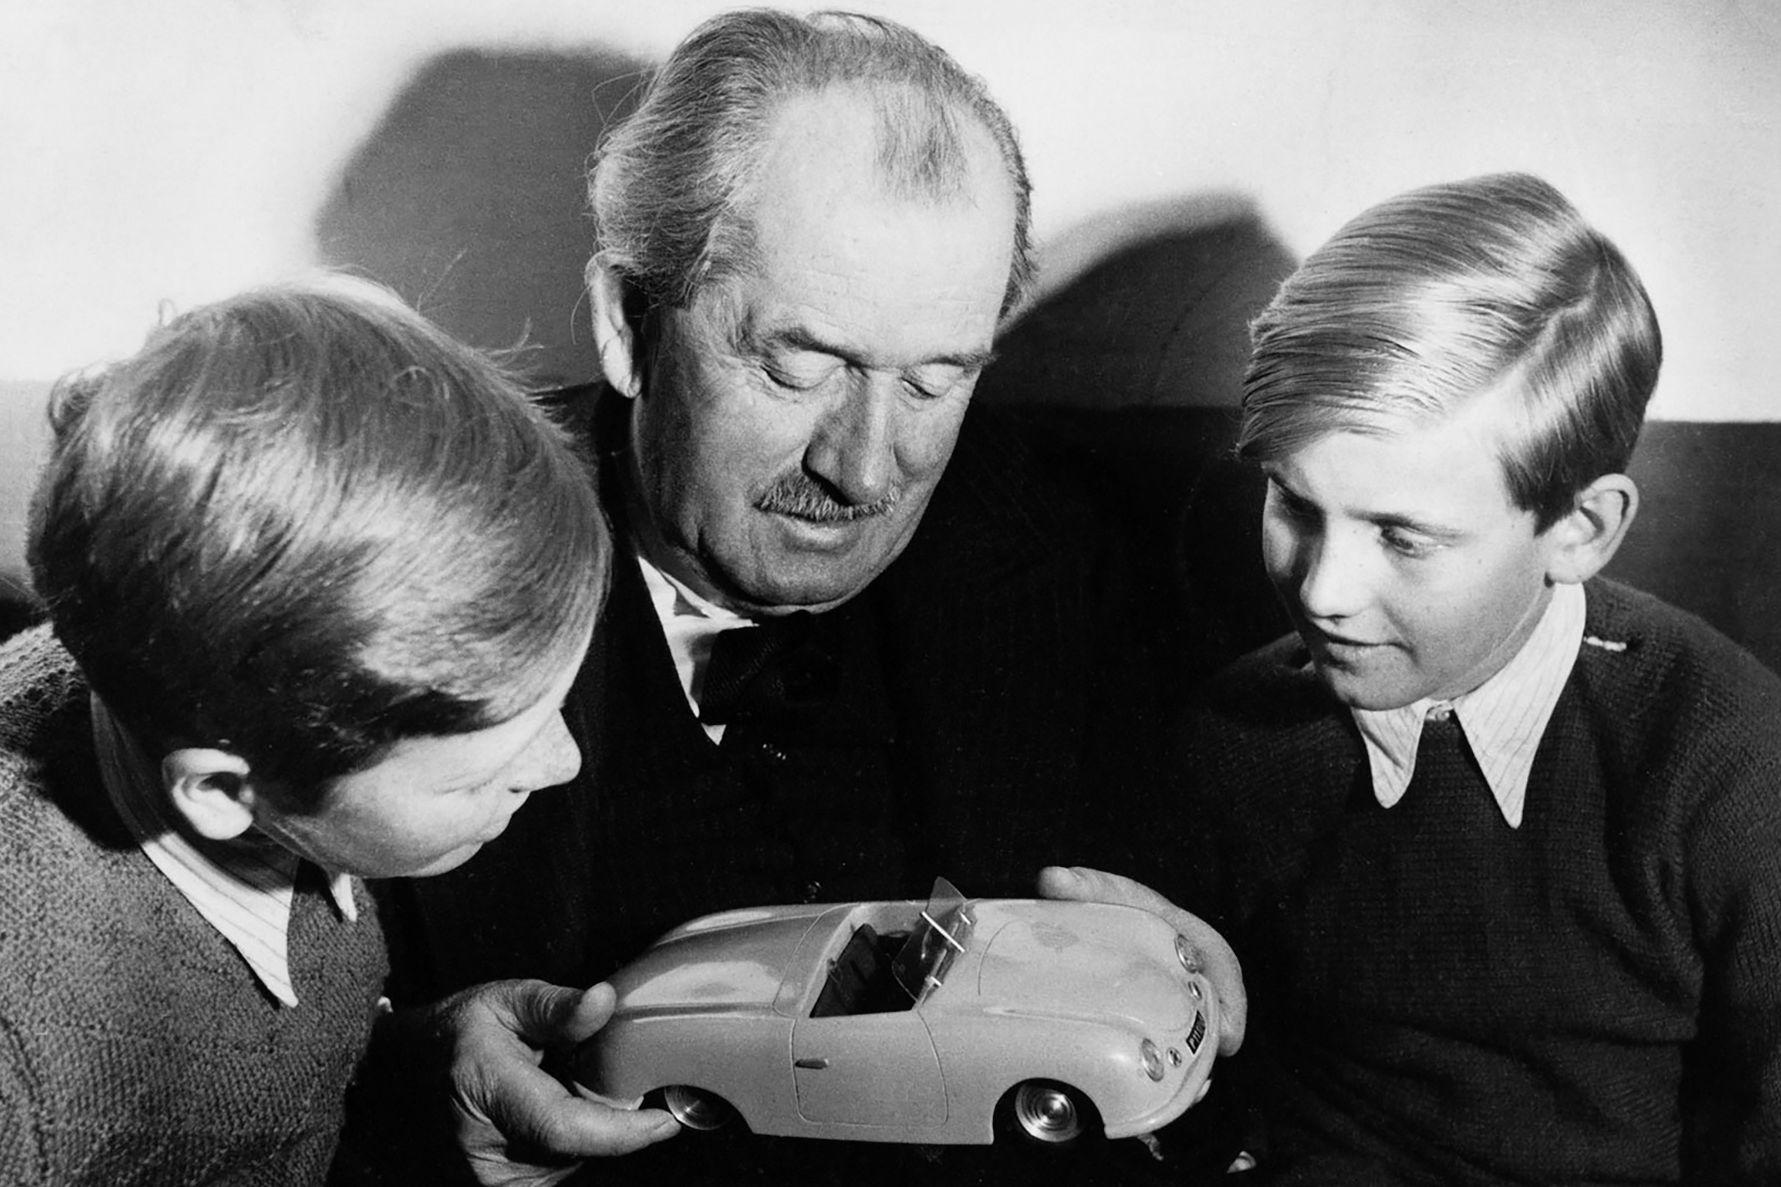 Elhunyt Ferdinand Piech A Volkswagen Korabbi Vezerigazgatoja Autonavigator Hu